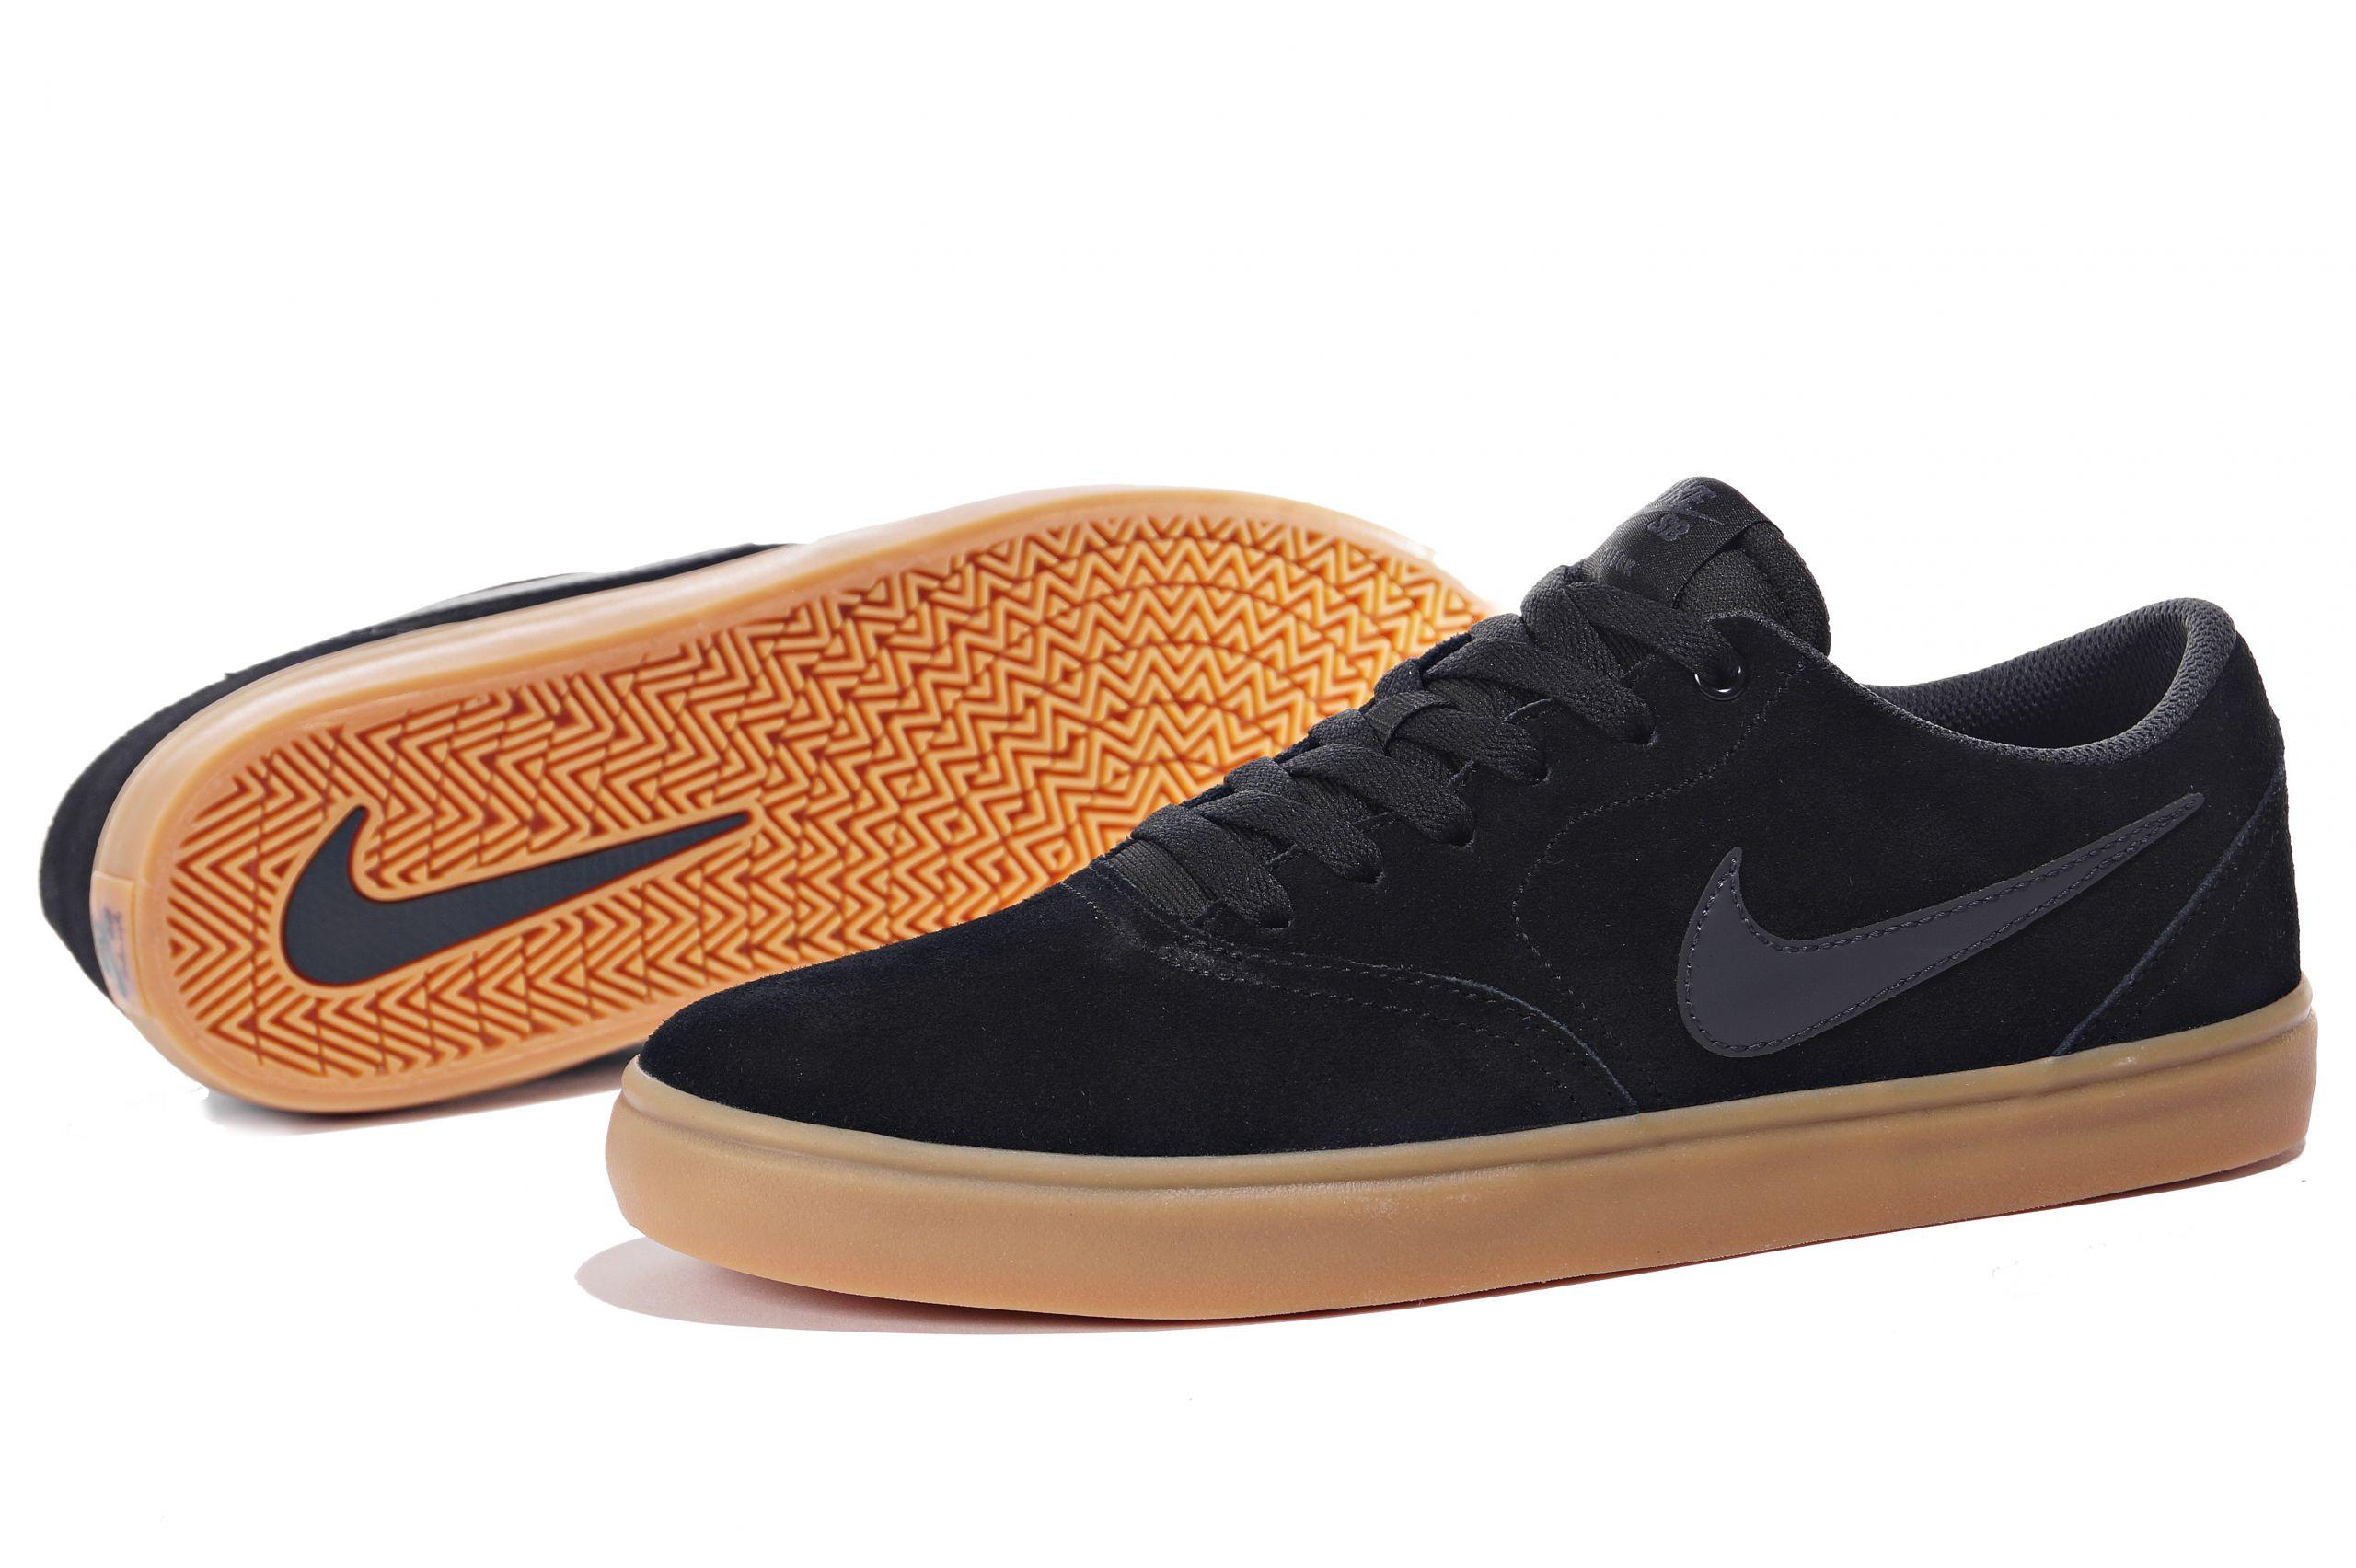 szczegółowy wygląd buty temperamentu nowy produkt BUTY NIKE SB CHECK SOLAR 843895-003 R. 40.5 - 7202960683 ...